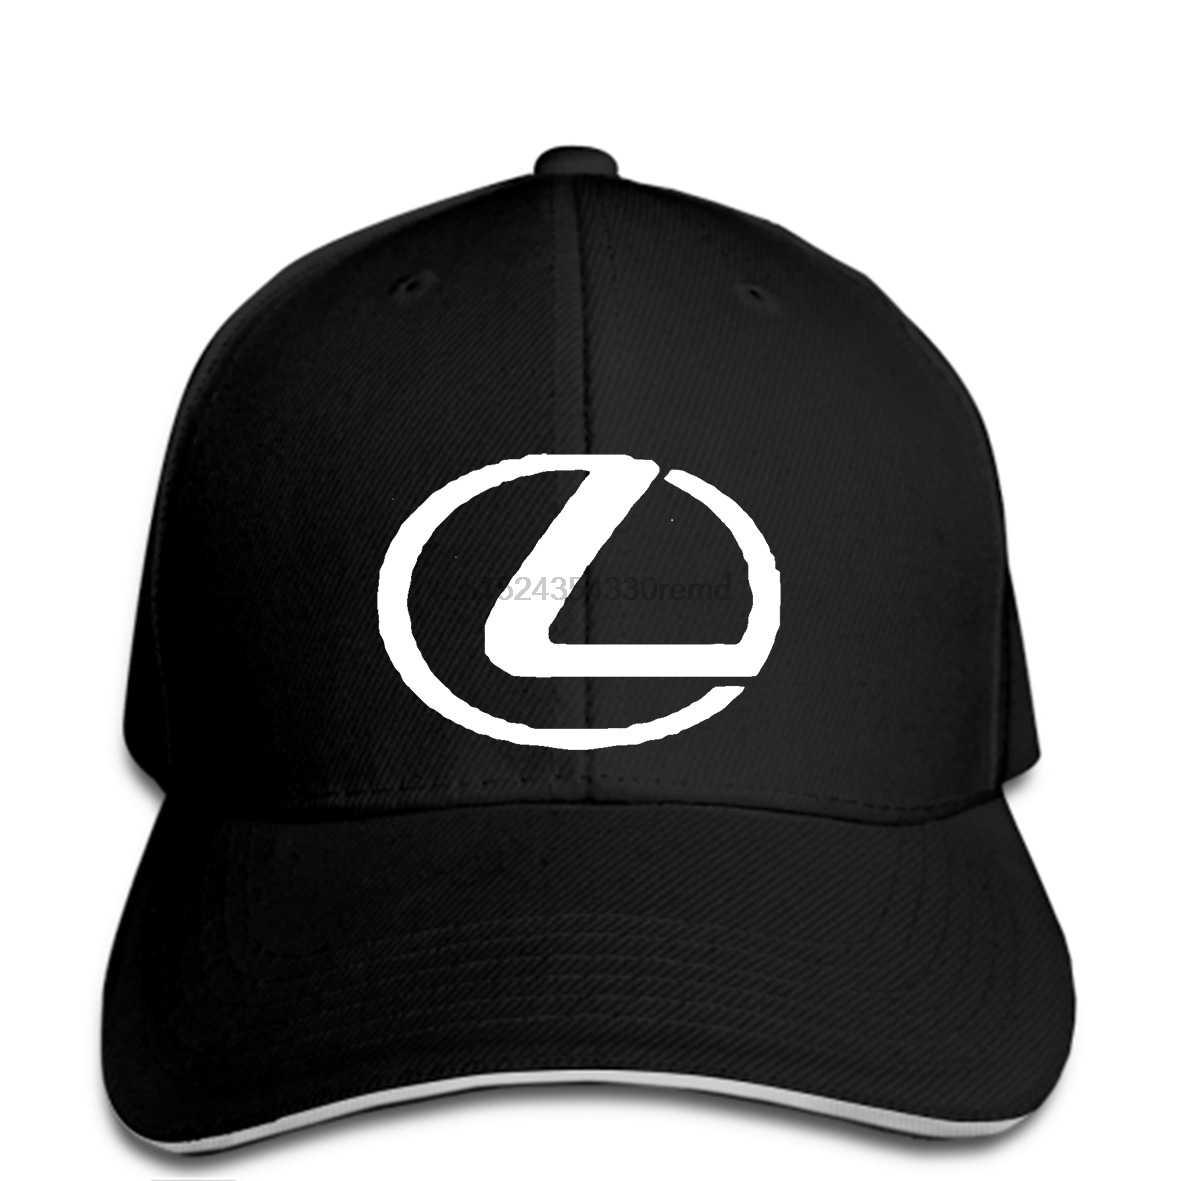 2fde4ccd4b7 hip hop Baseball caps Funny Men hat cap Black Classic Lexus F Sport Design  cap Leisure